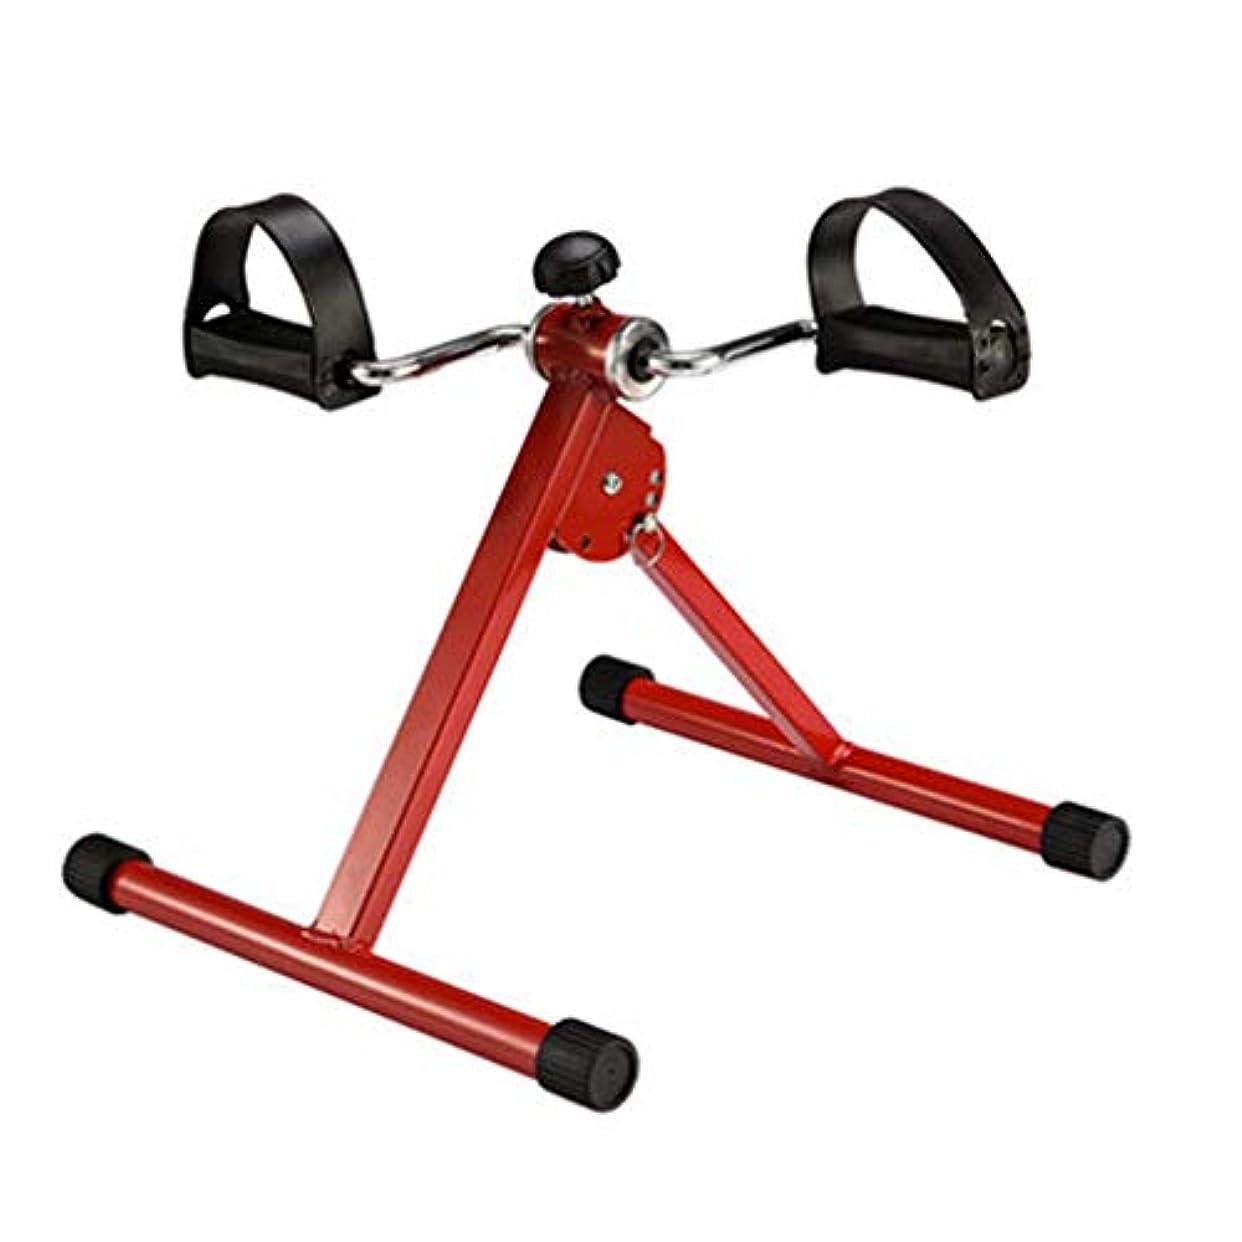 用語集モックロッジペダルエクササイザー美しいレッグペダルマシンレッグトレーナー怠zyな自転車リハビリテーショントレーニング折りたたみホームミニエクササイズバイクは、足の血液循環を改善します,C